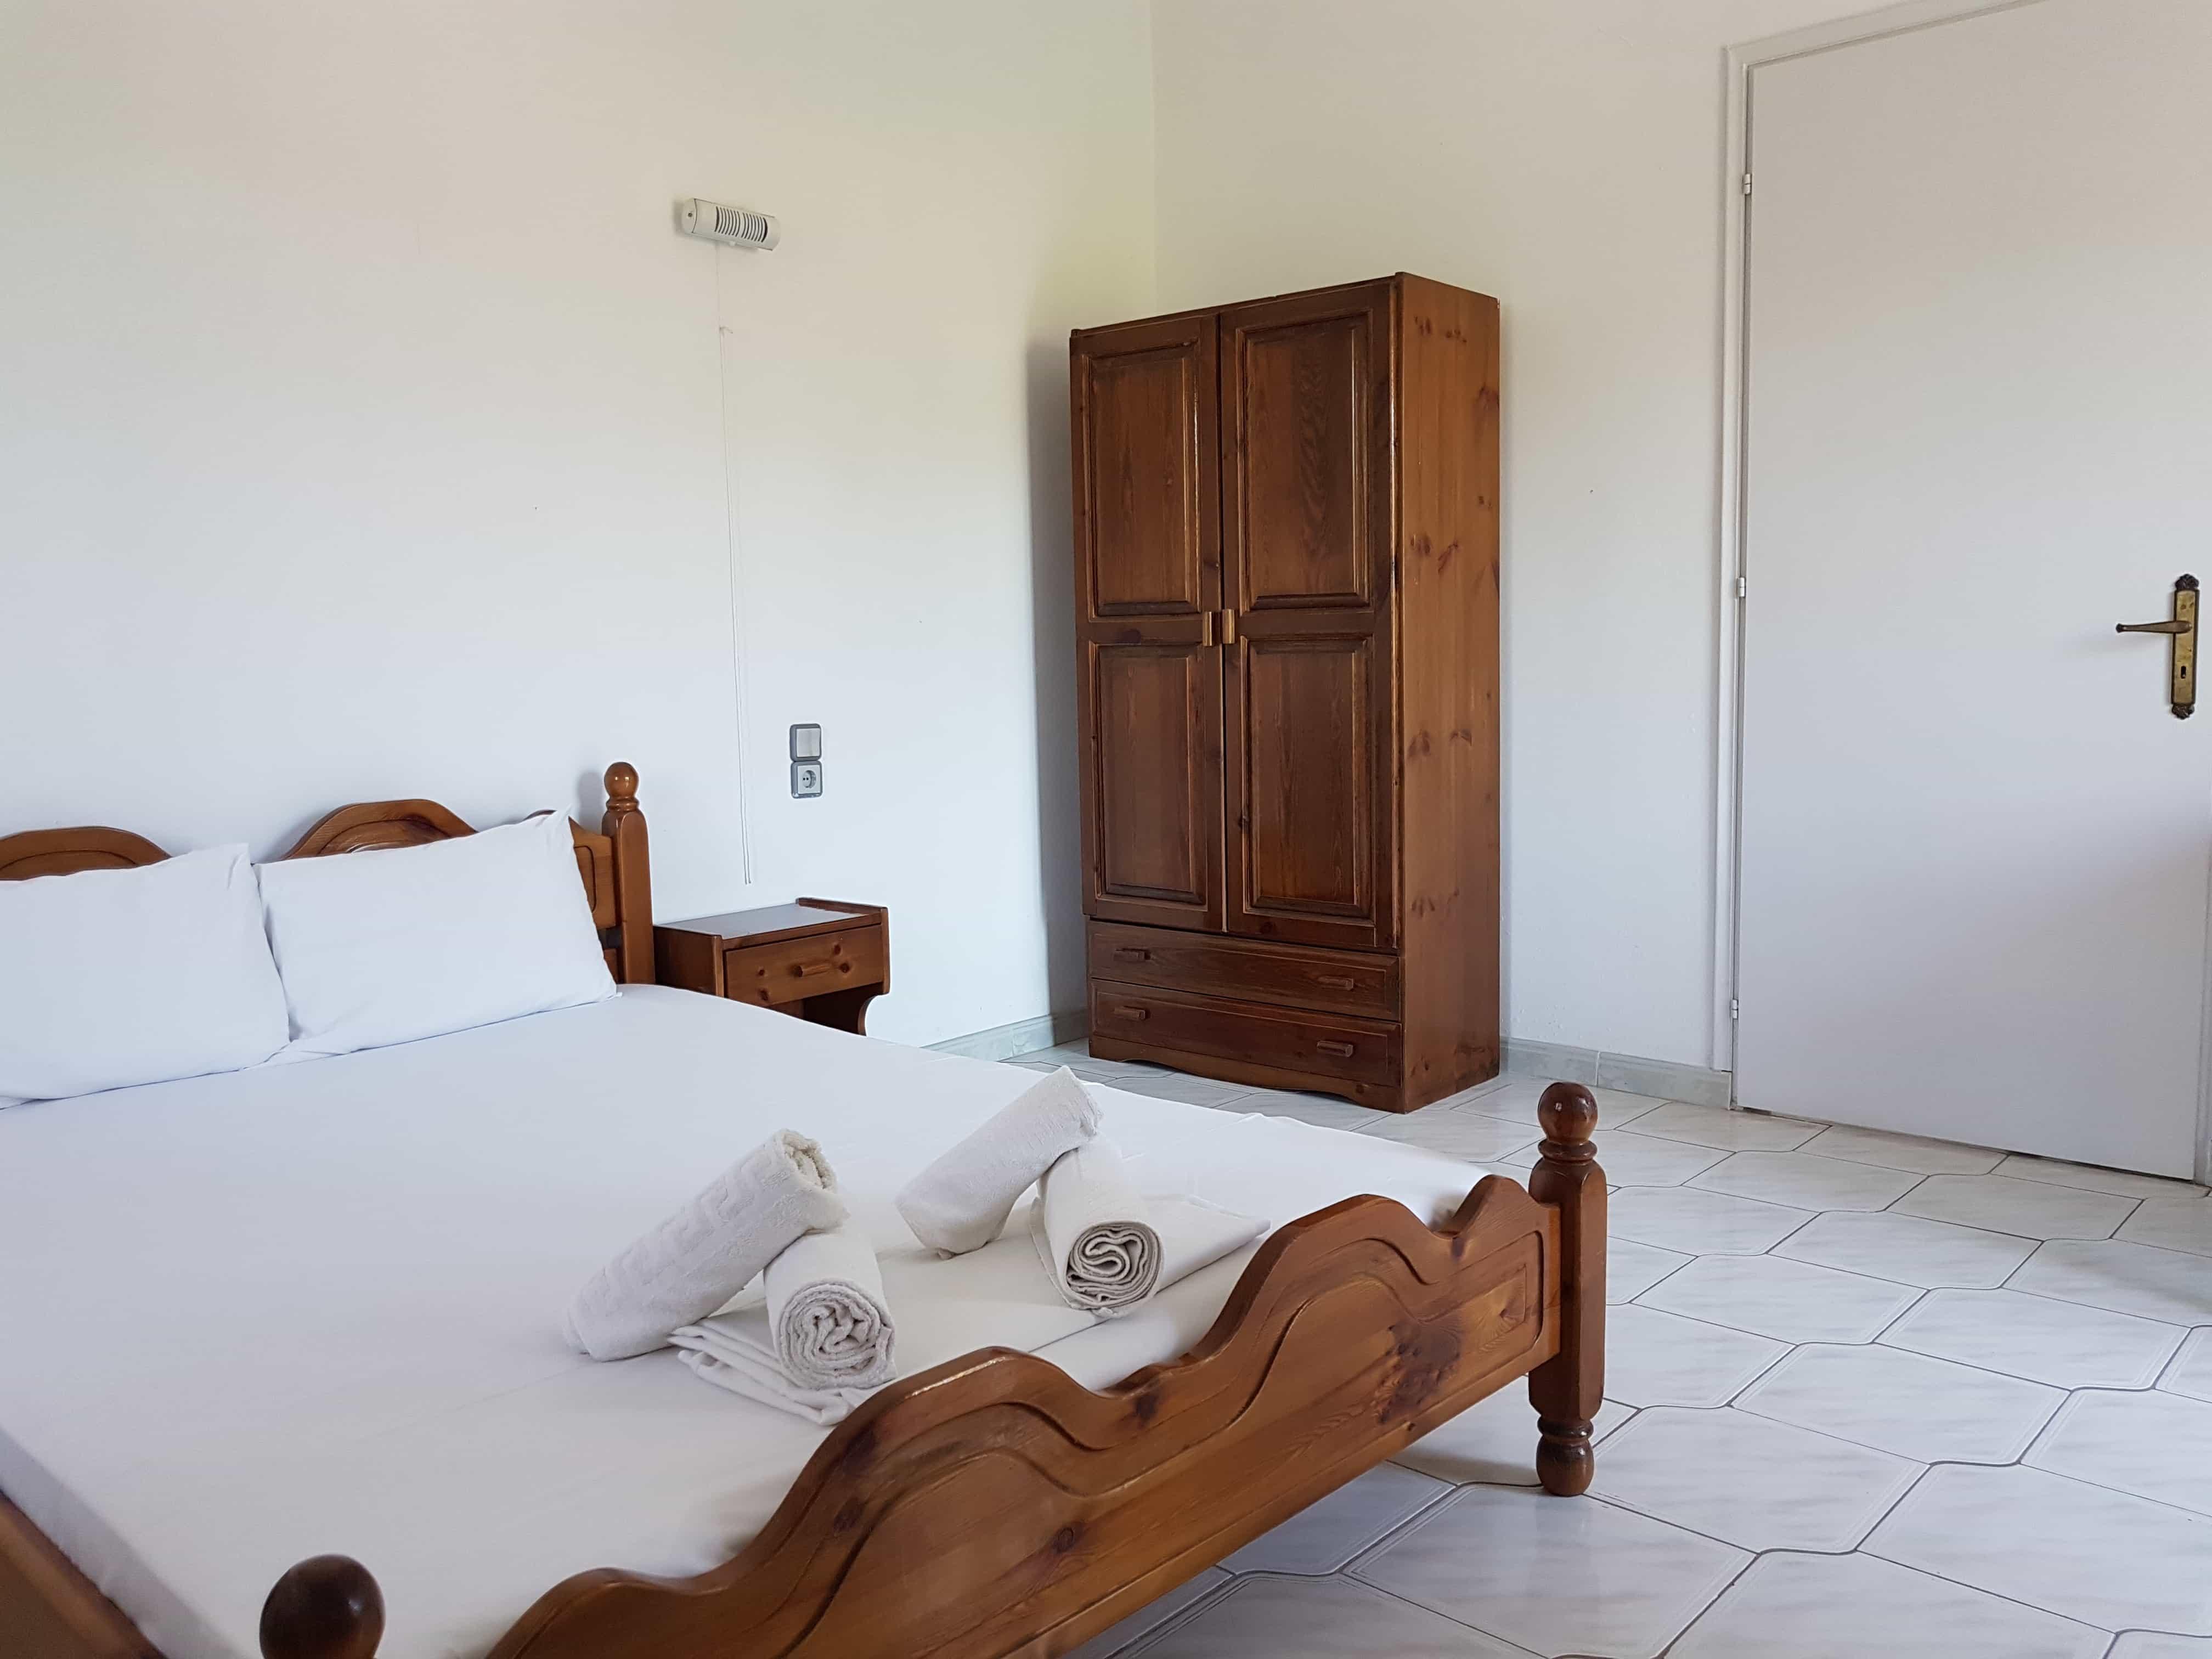 Amarandos Studios Rooms & Apartments